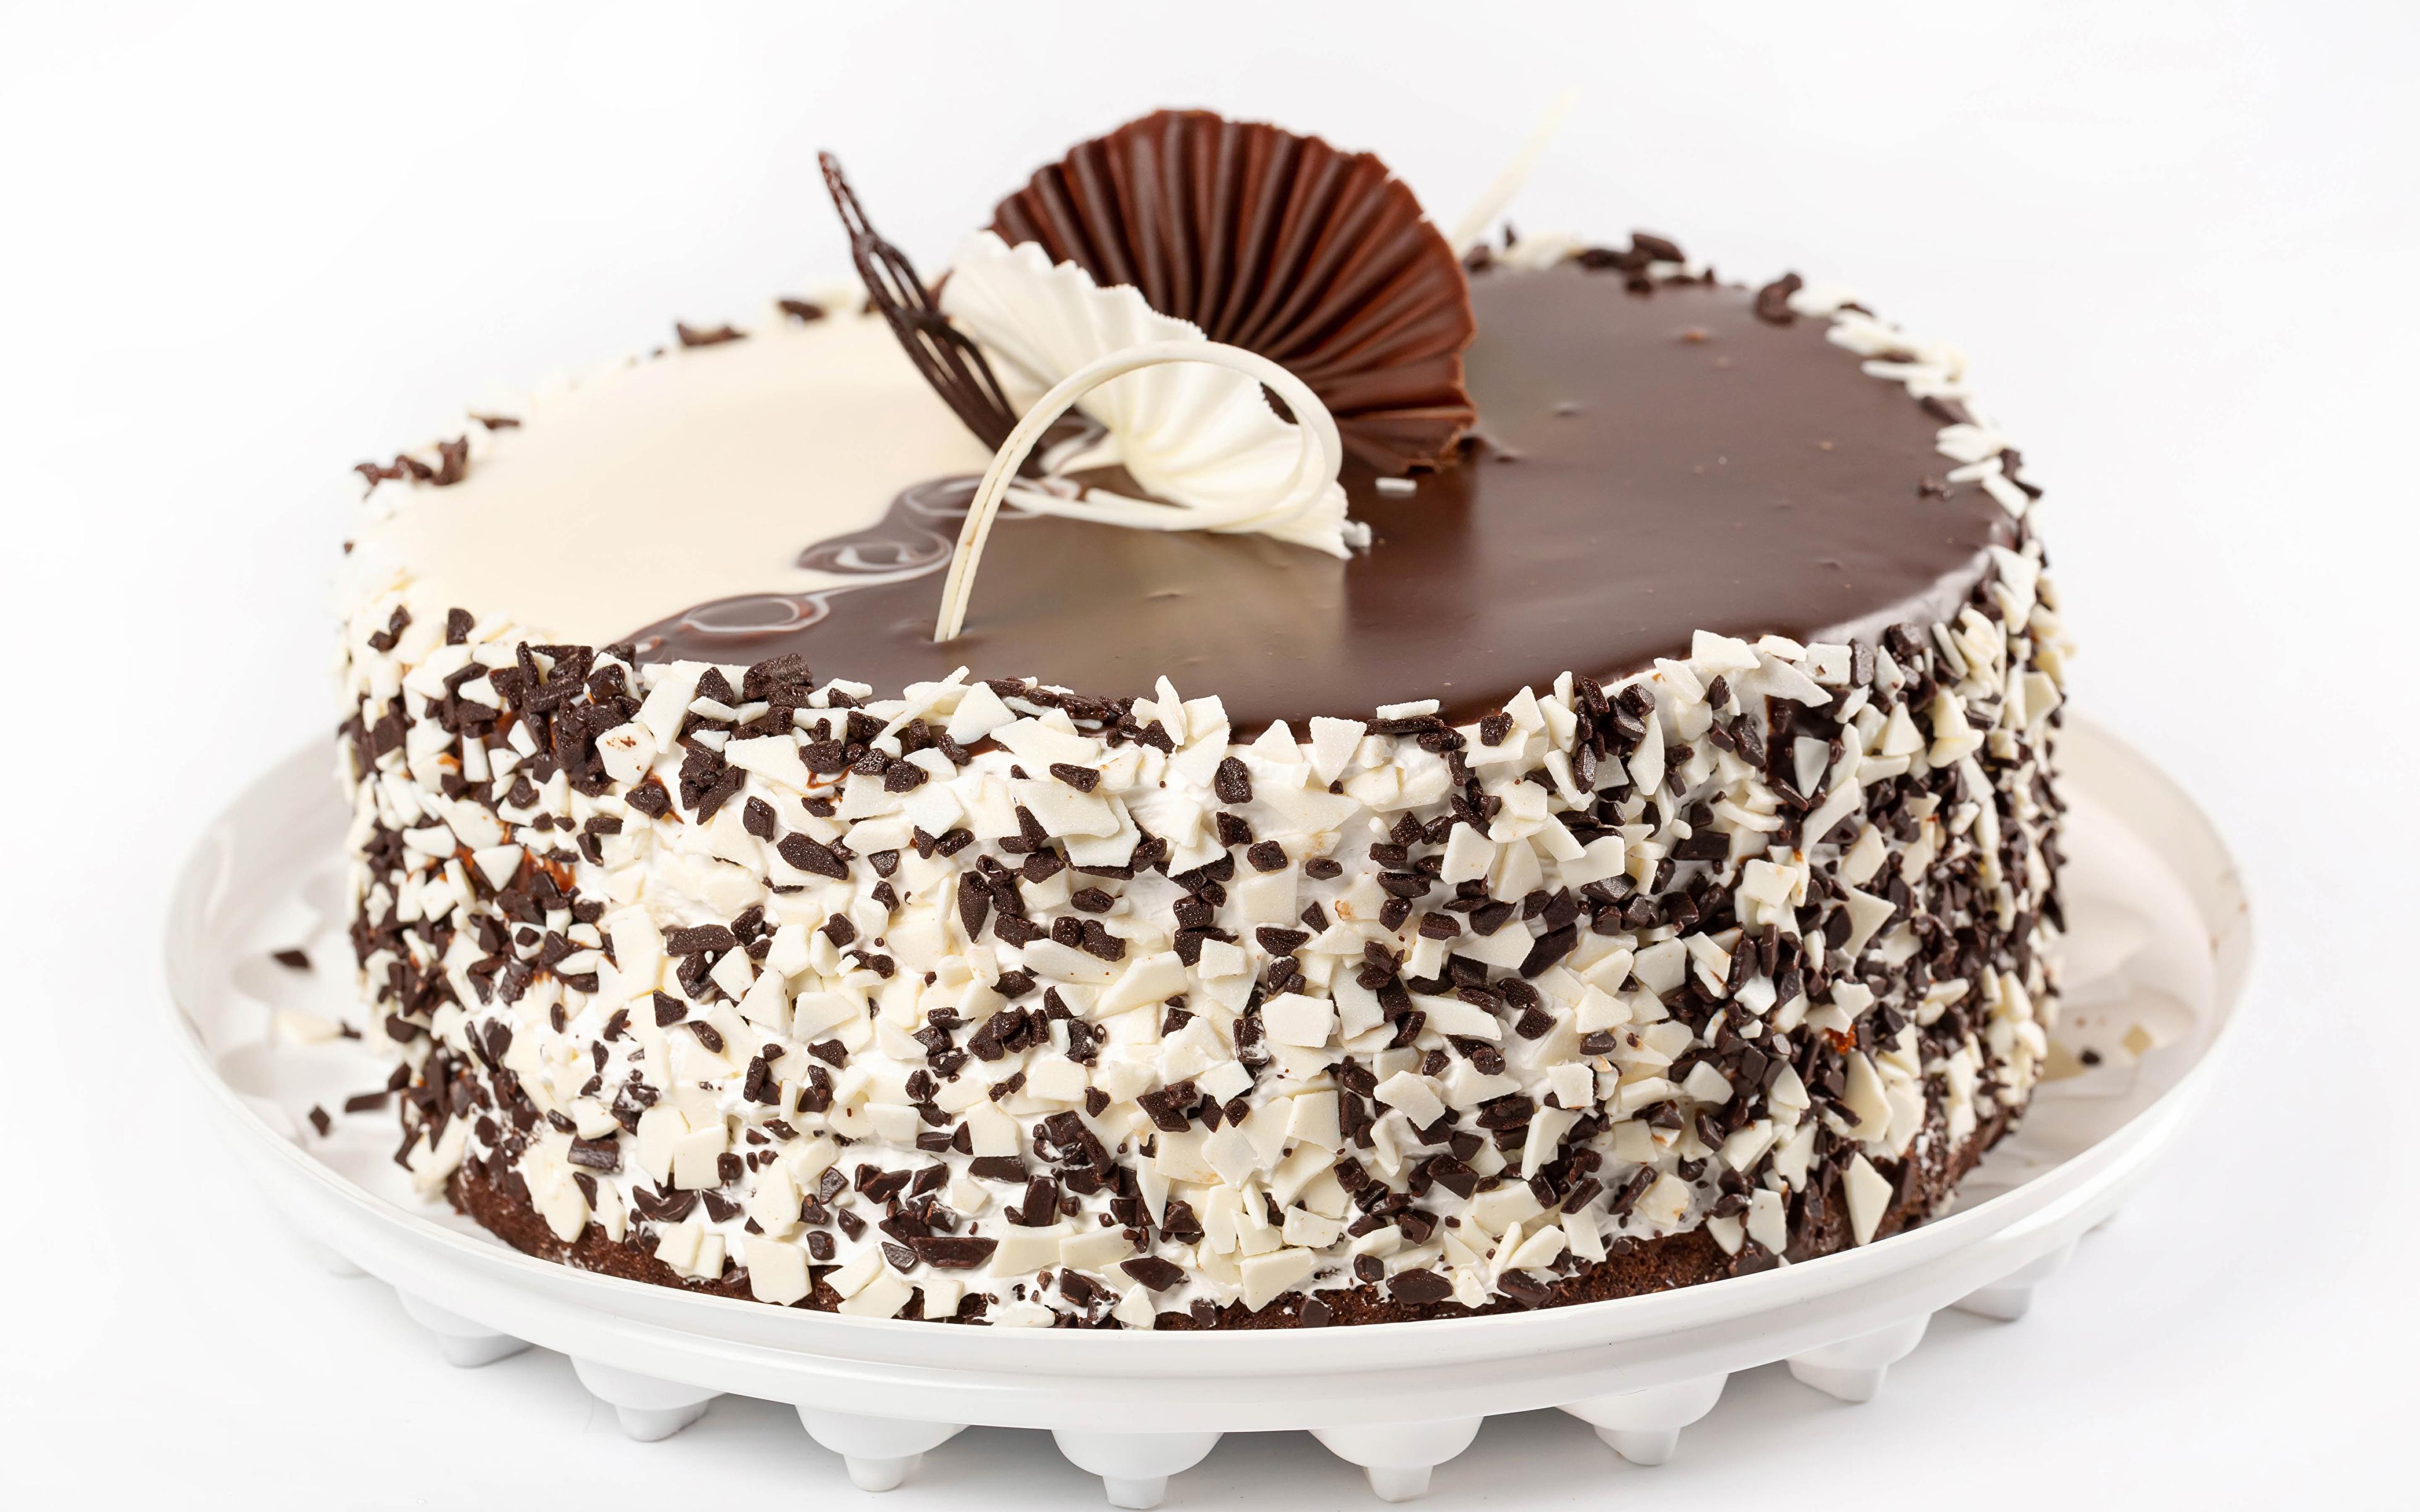 Afbeeldingen Chocolade Taart Voedsel Witte achtergrond Ontwerp 3840x2400 spijs